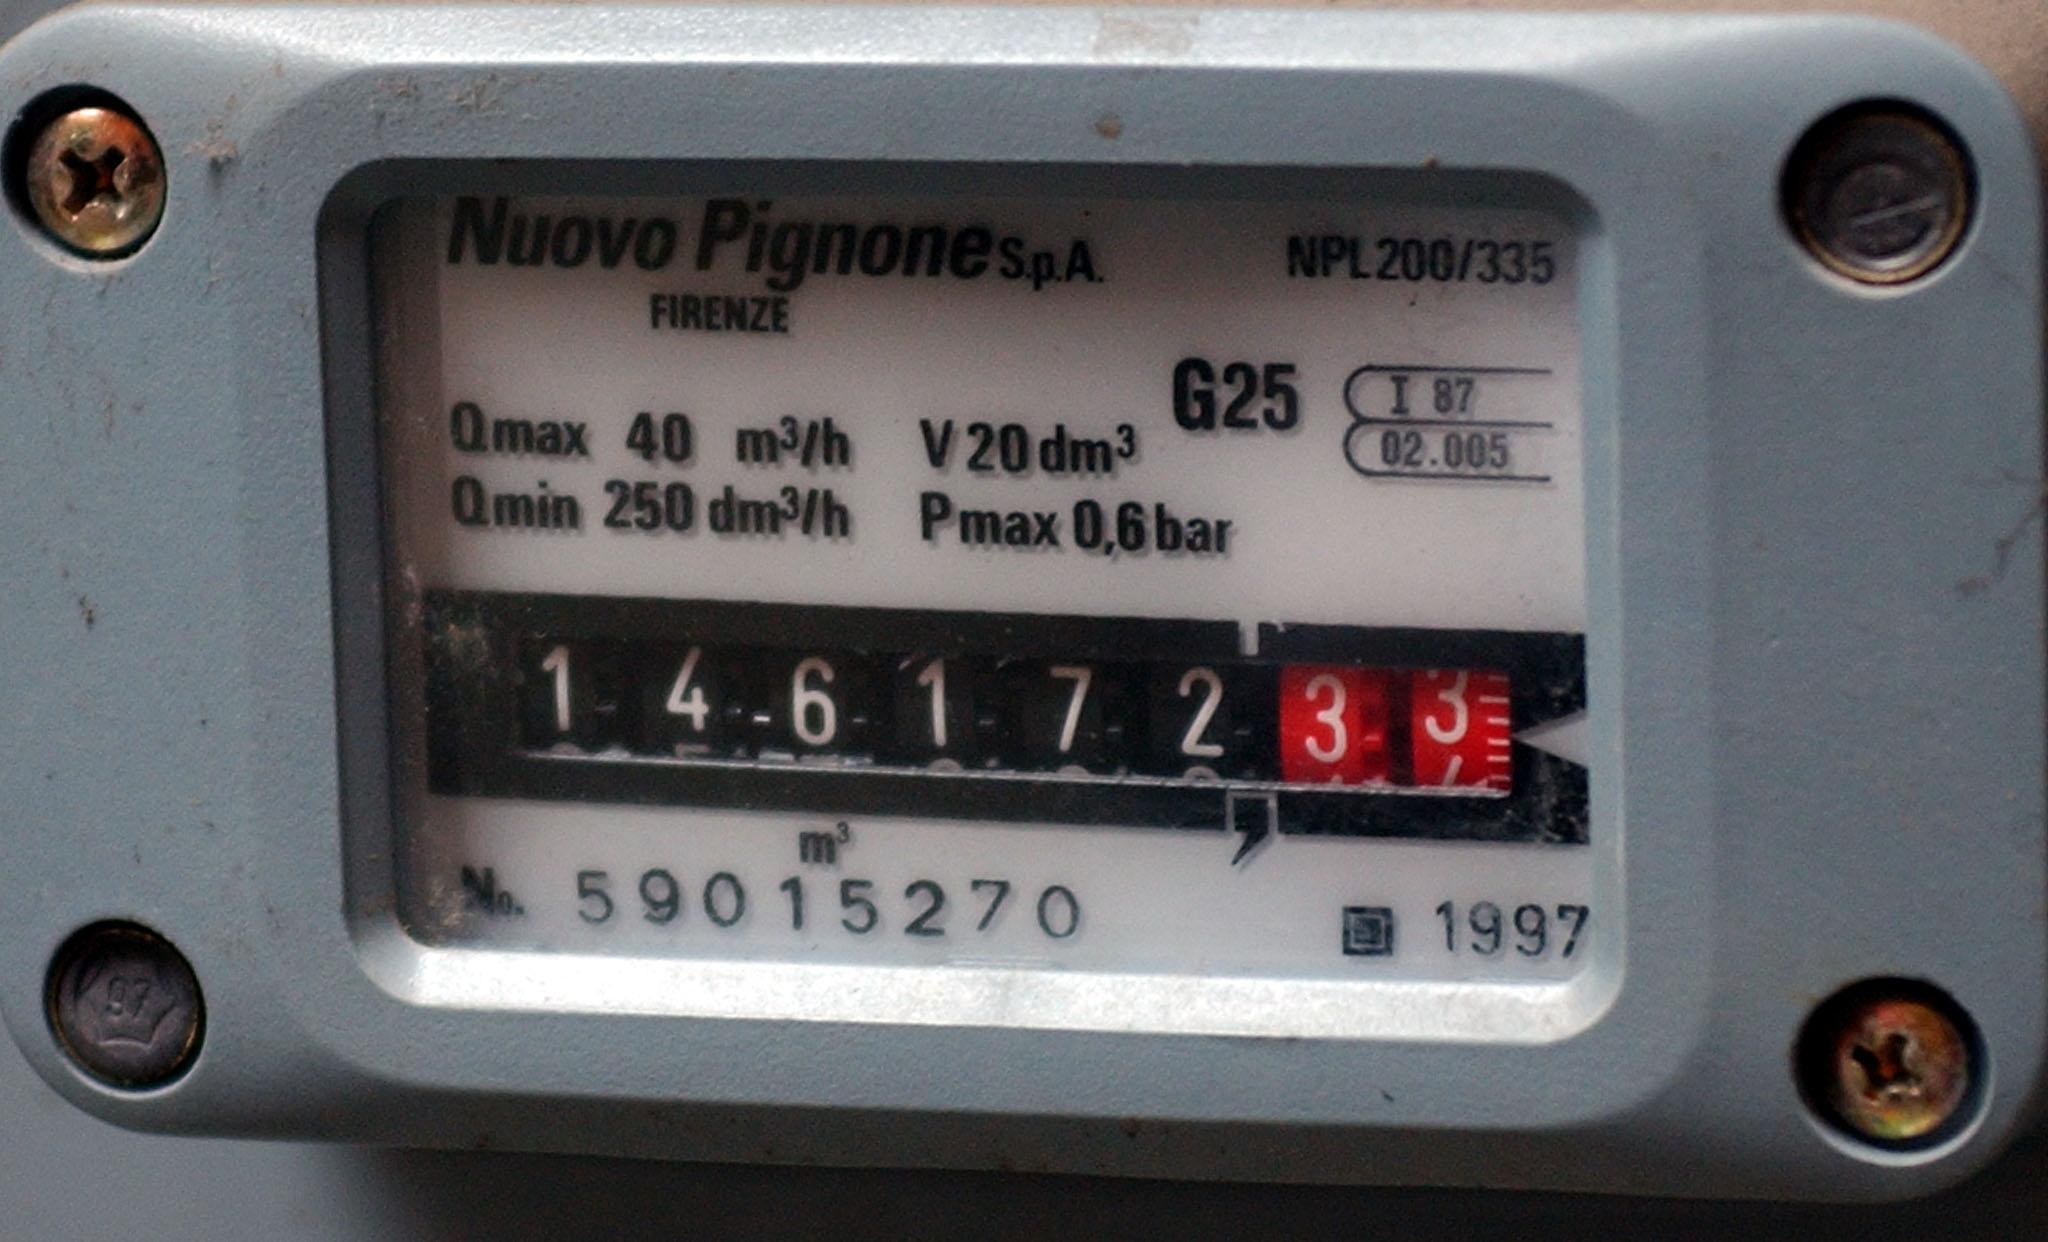 Contatore luce e gas come sapere se funzionano bene for Contatore luce